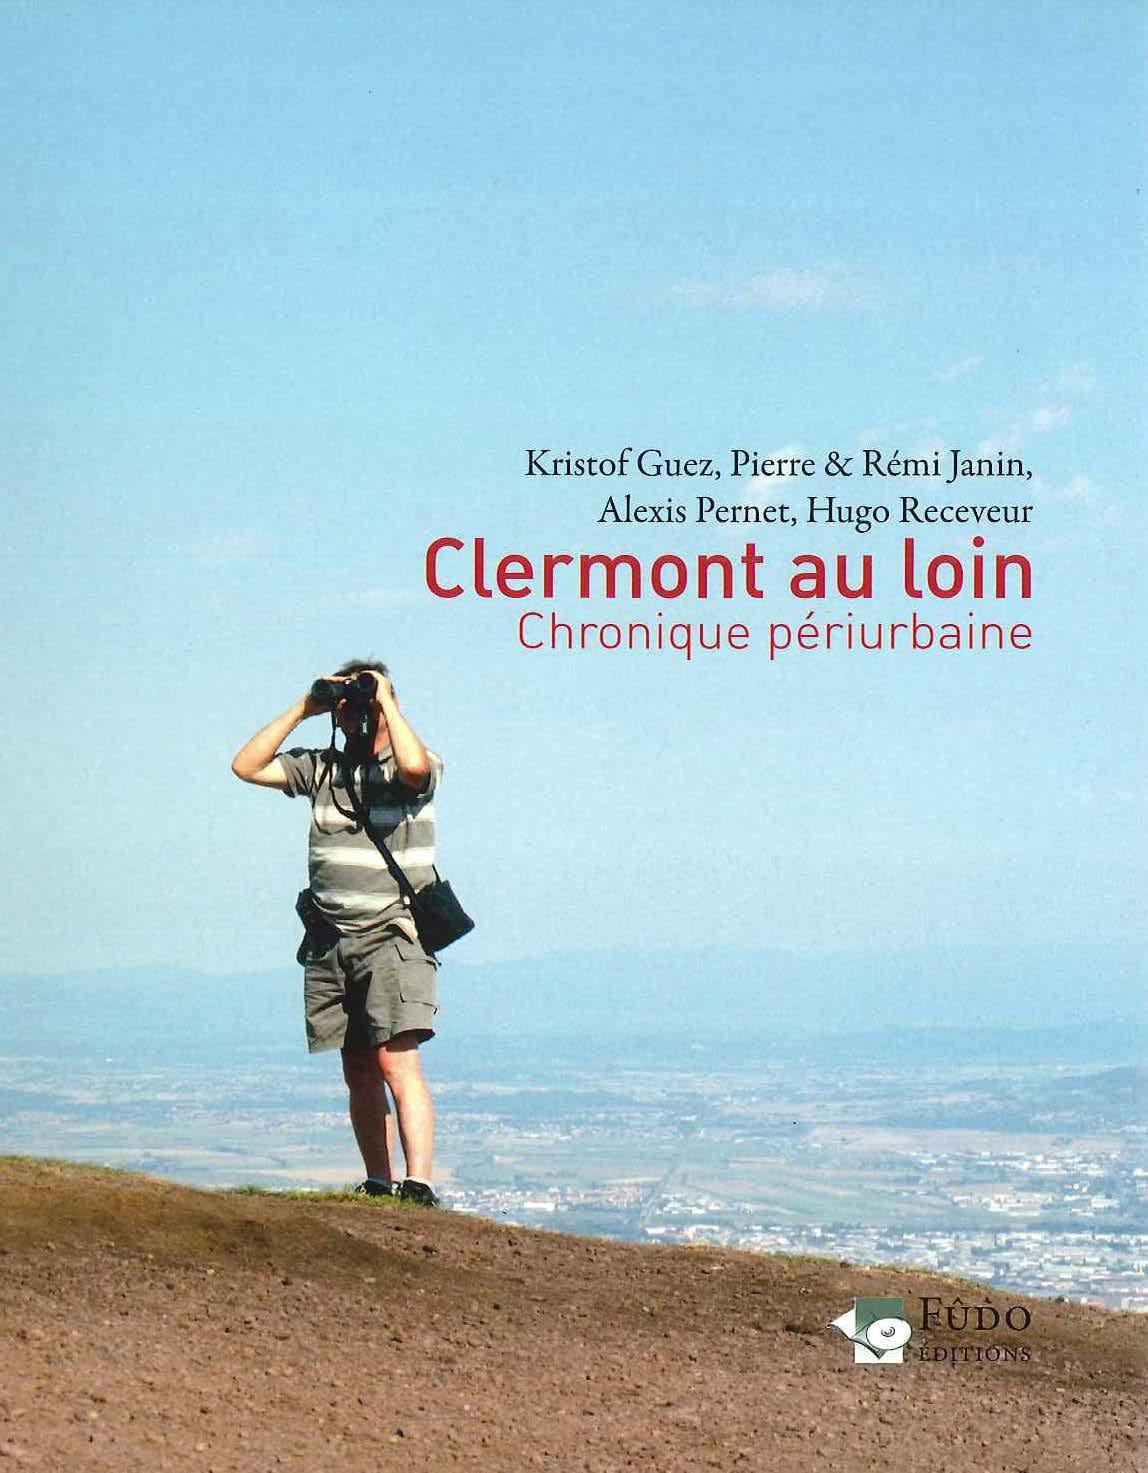 Clermont au loin